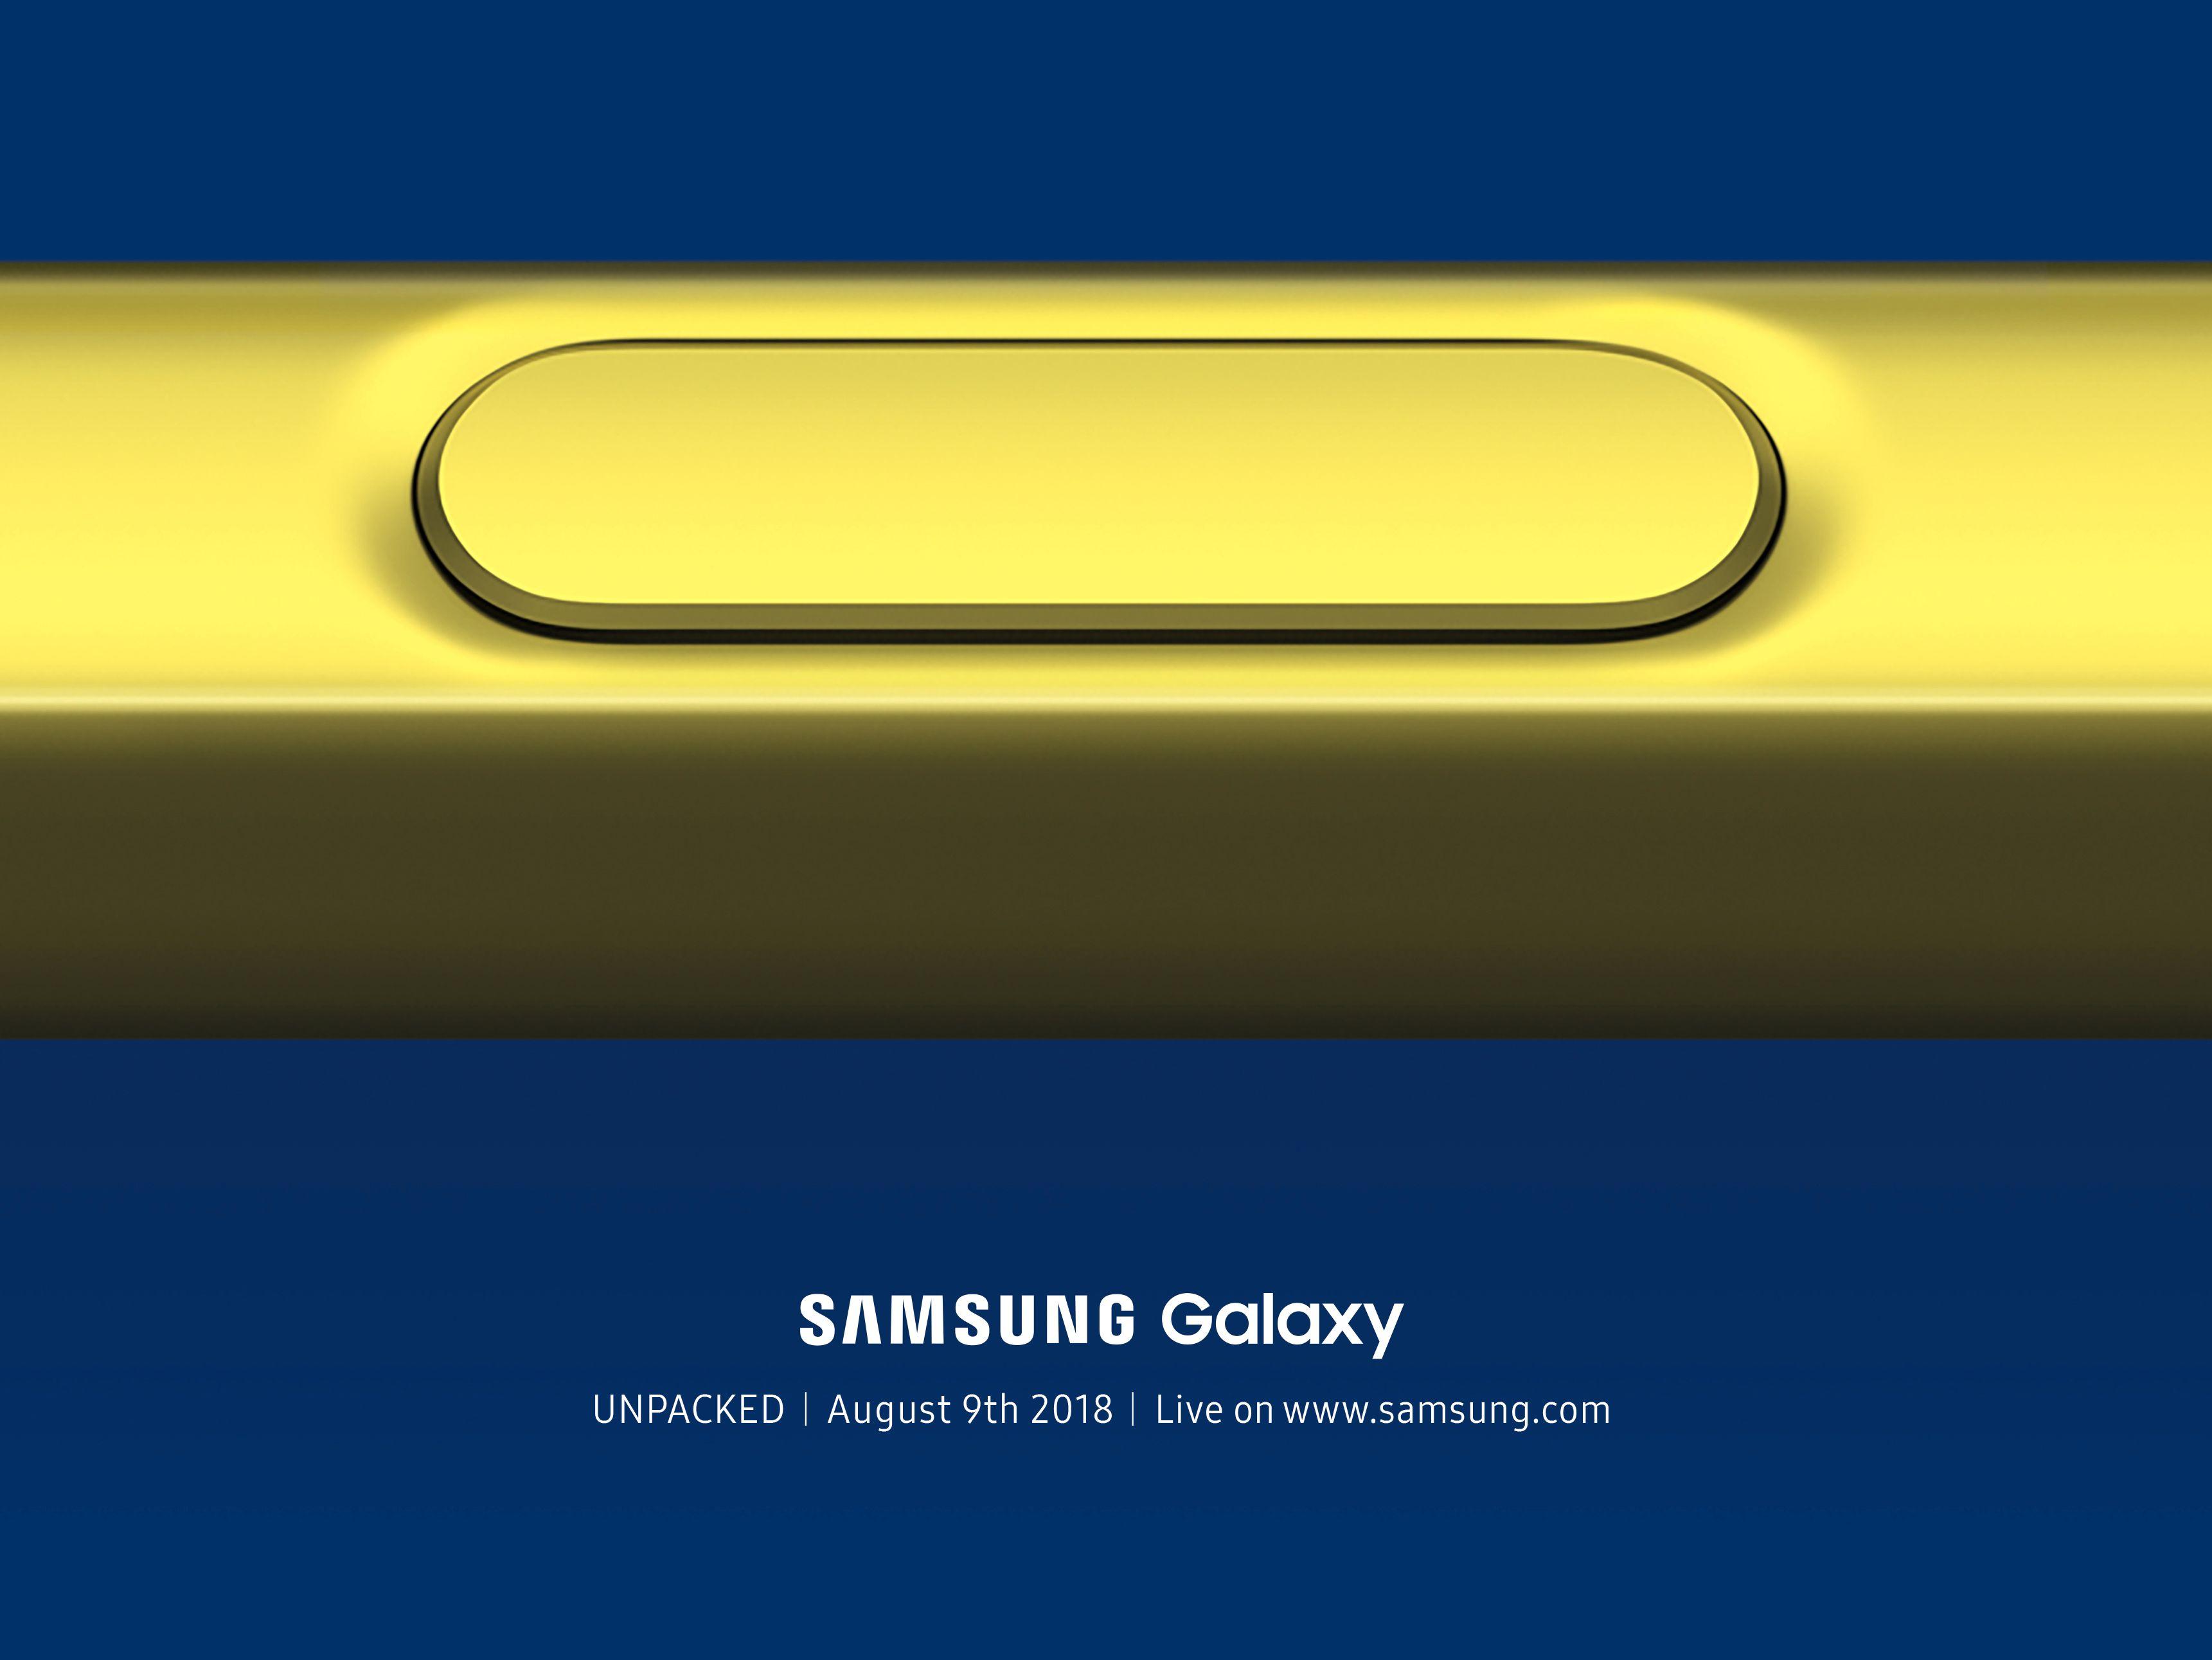 Galaxy Note 9 blir lansert den 9. september i Brooklyn, New York. Vi er til stede for å få med oss nyhetene og prøvekjøre det nye flaggskipet.